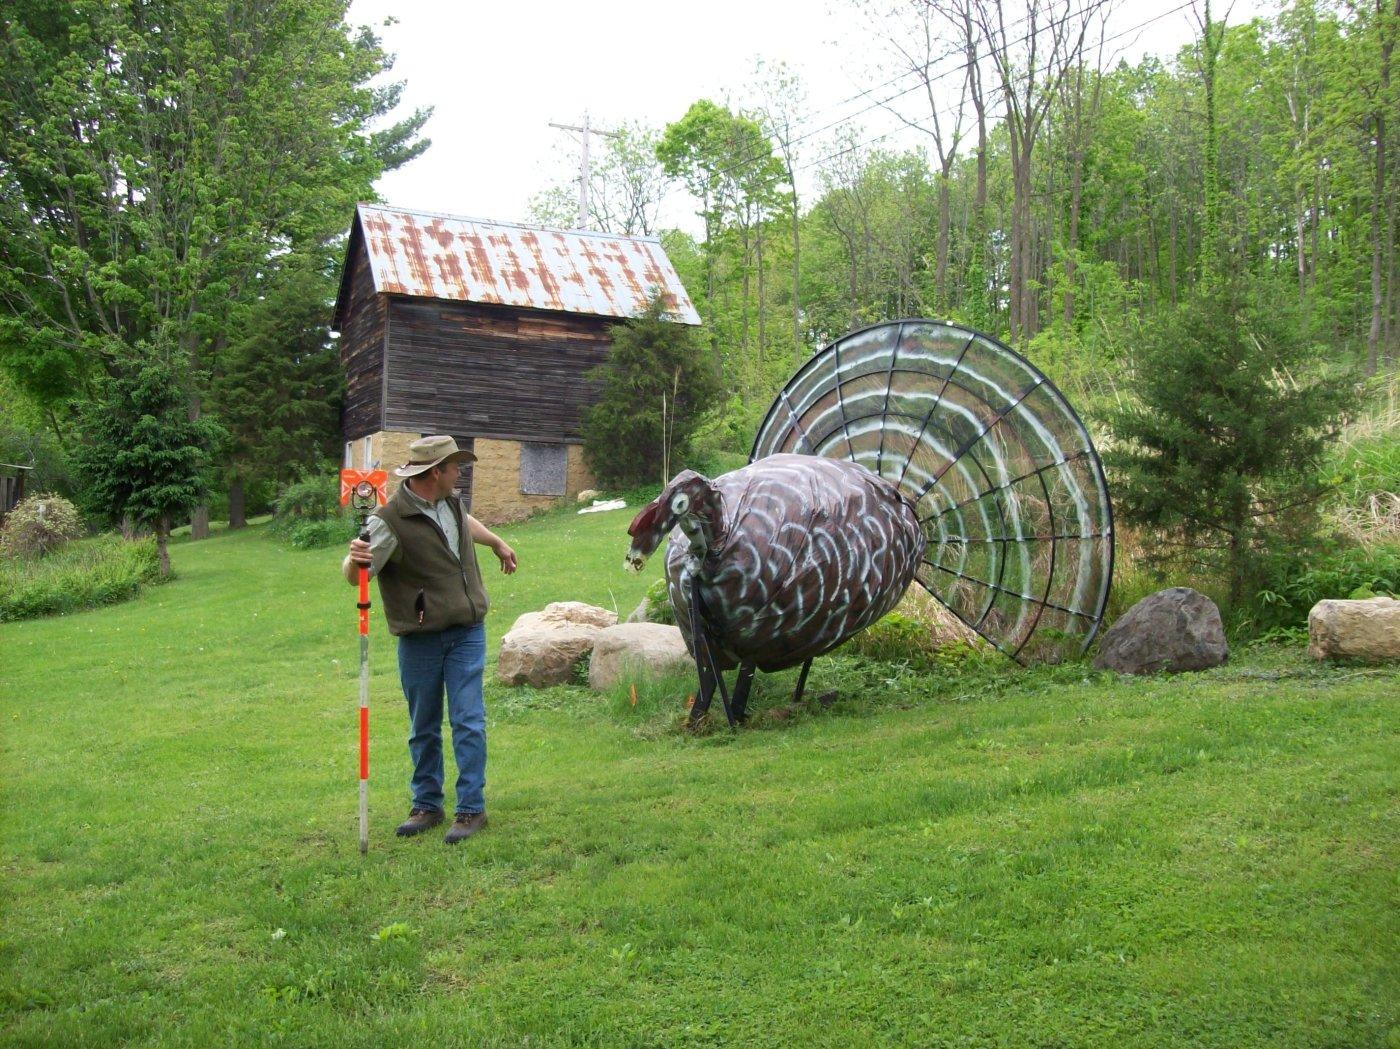 Wisconsin Turkeys (Turkesaurus Part 2)